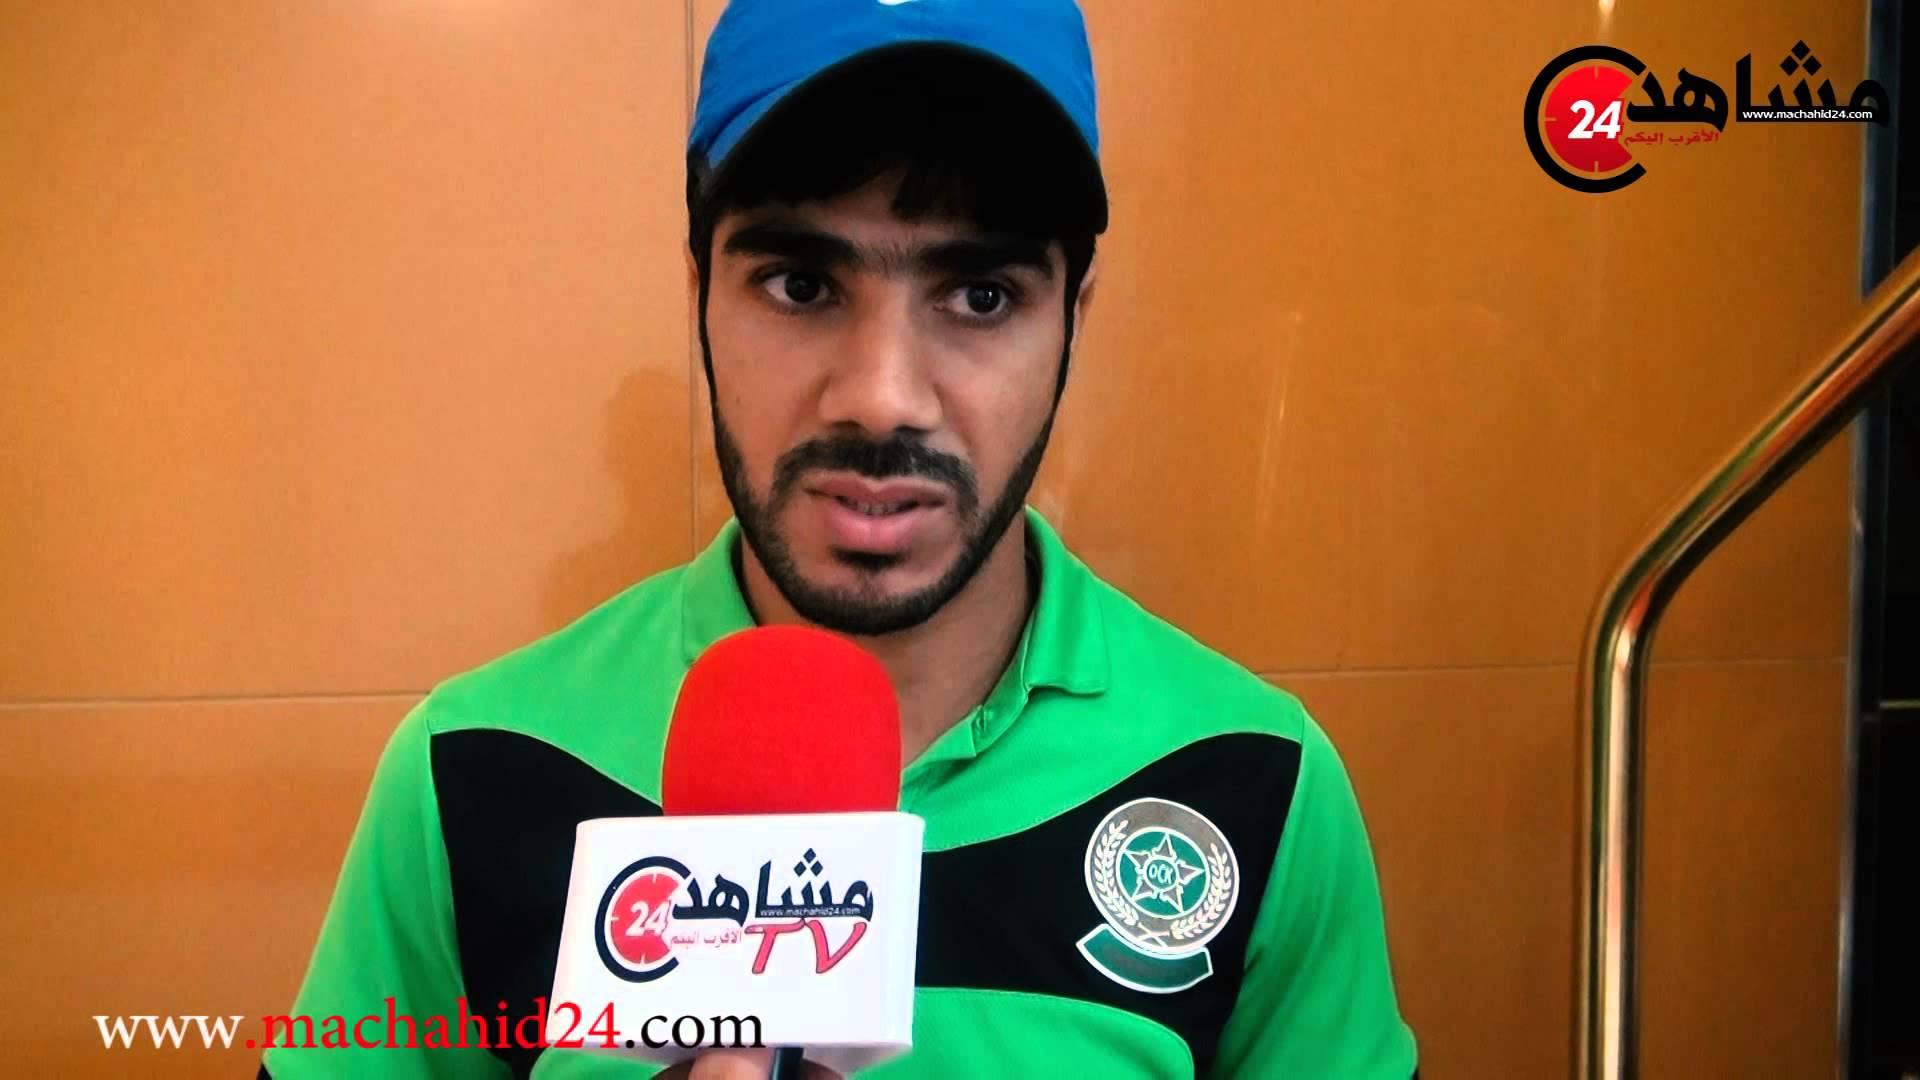 البزغودي: هدفنا الموسم المقبل احتلال إحدى المراتب الخمس الأولى